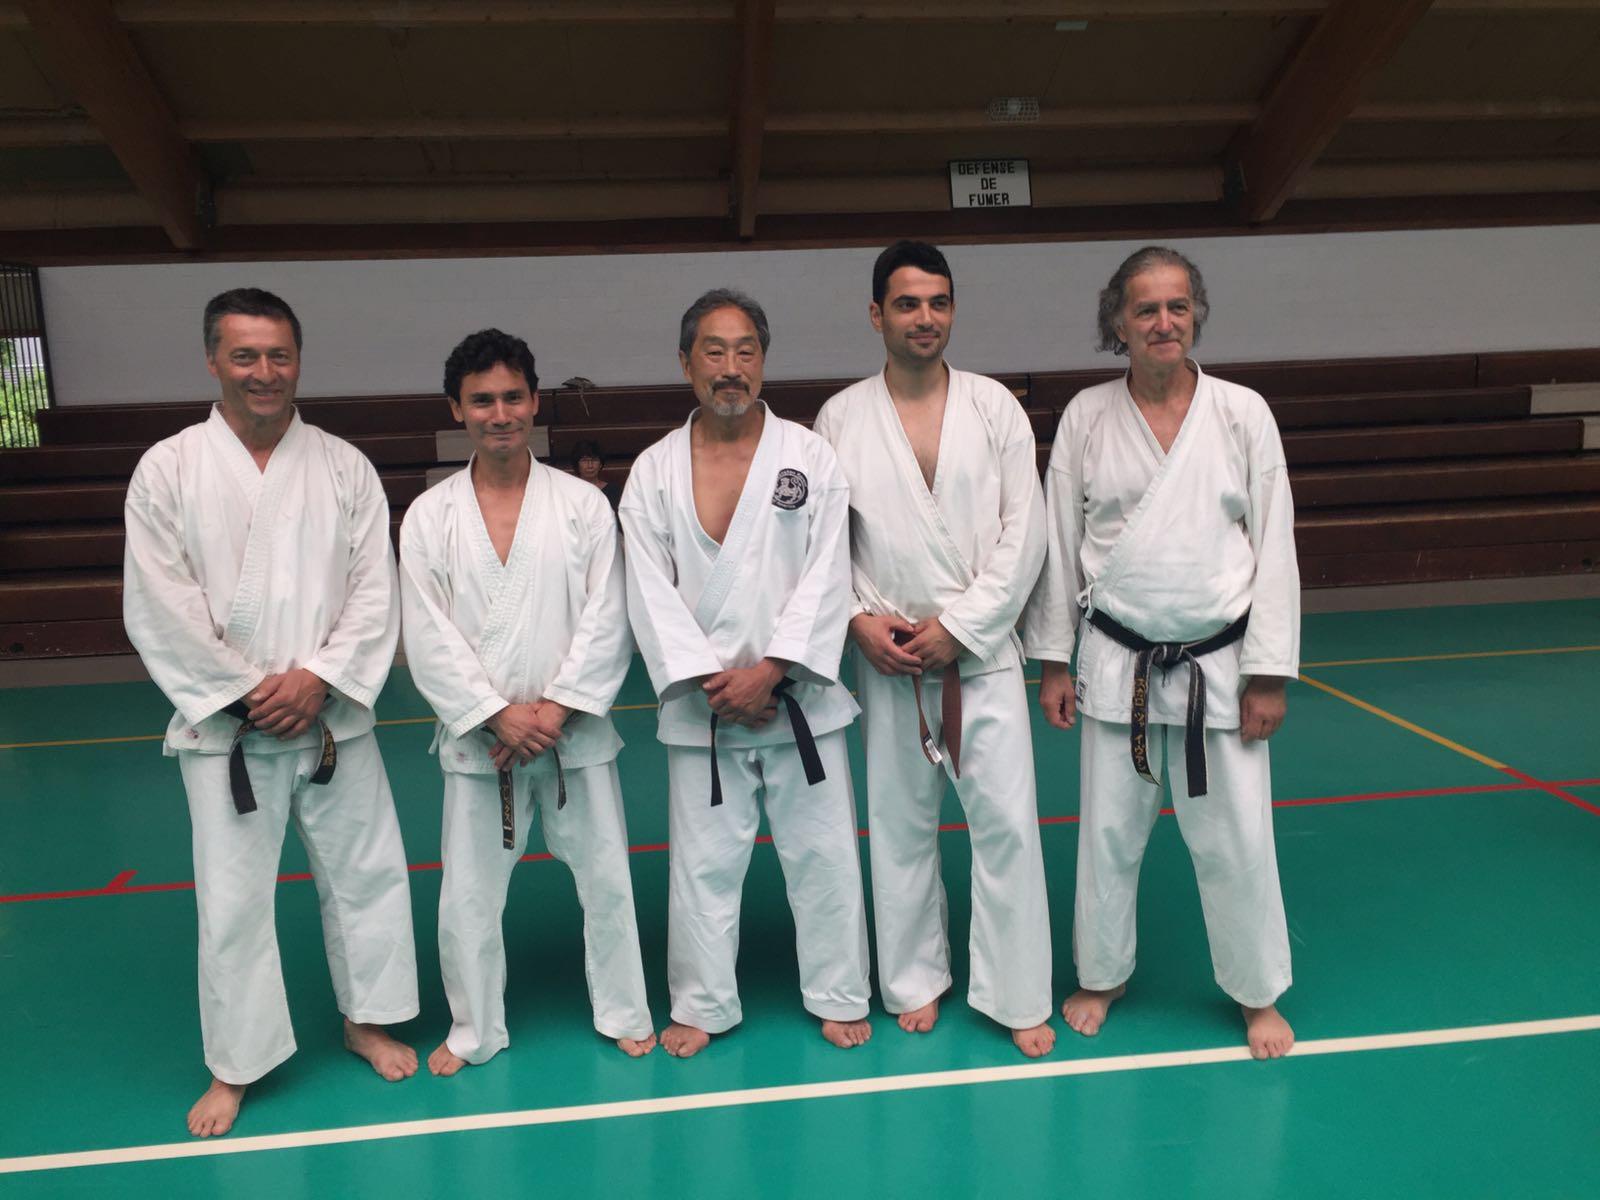 2016 - Membri di Ticino Shotokan Karate con John Teramoto (5. DAN - Shotokan Karate of America) durante lo stage tecnico tenutosi a Colmar (FR) il 25 e 26 giugno 2016.